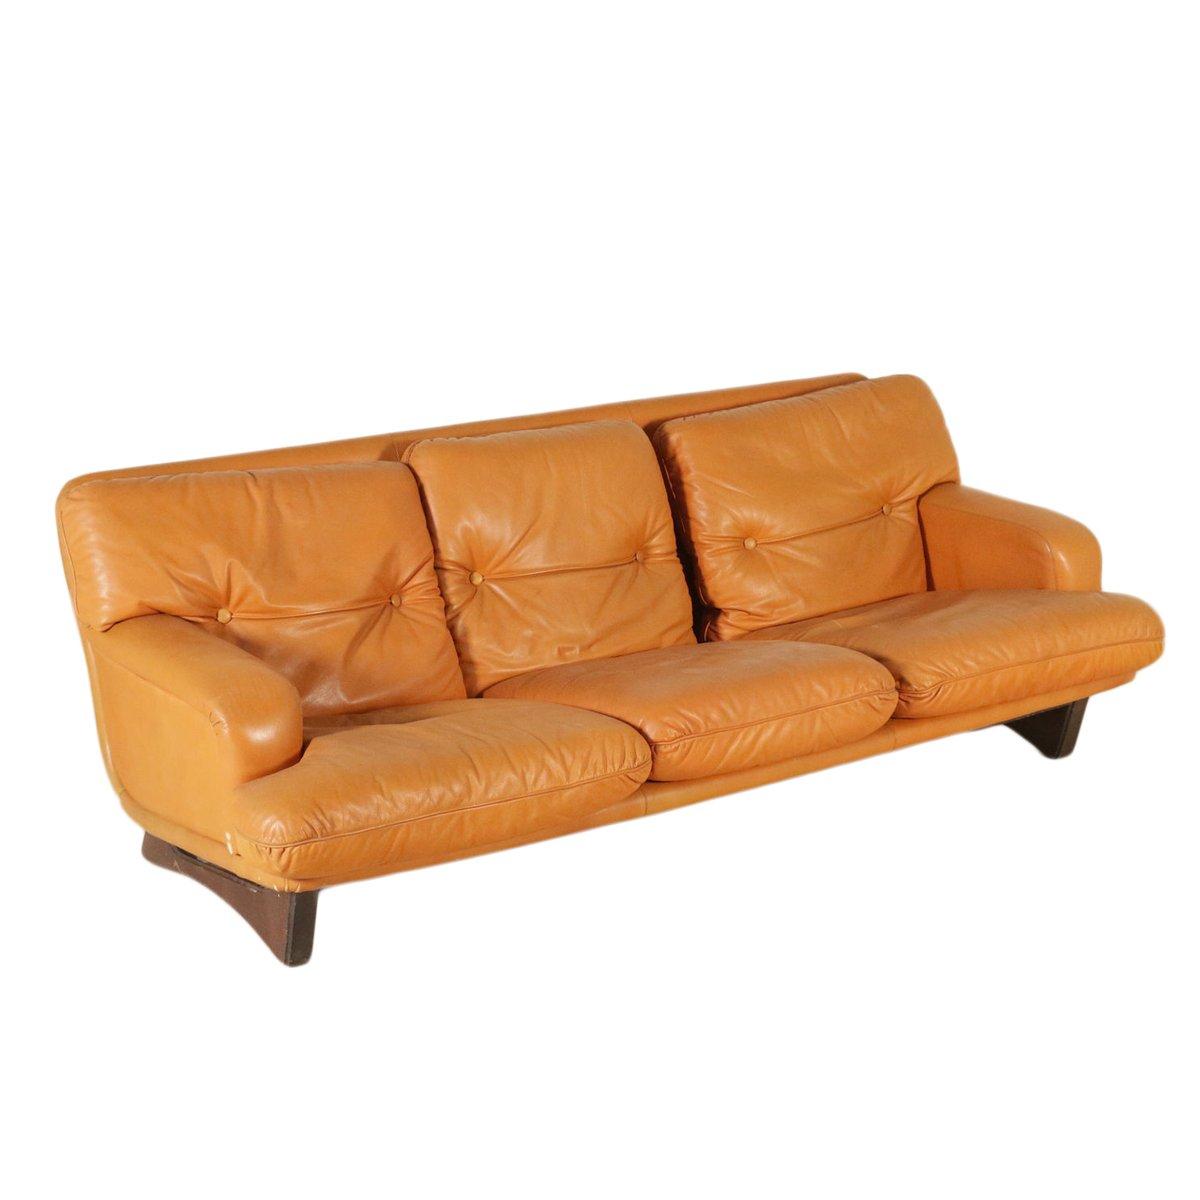 Sofa aus Leder mit Schaumstoff Polsterung 1960er bei Pamono kaufen